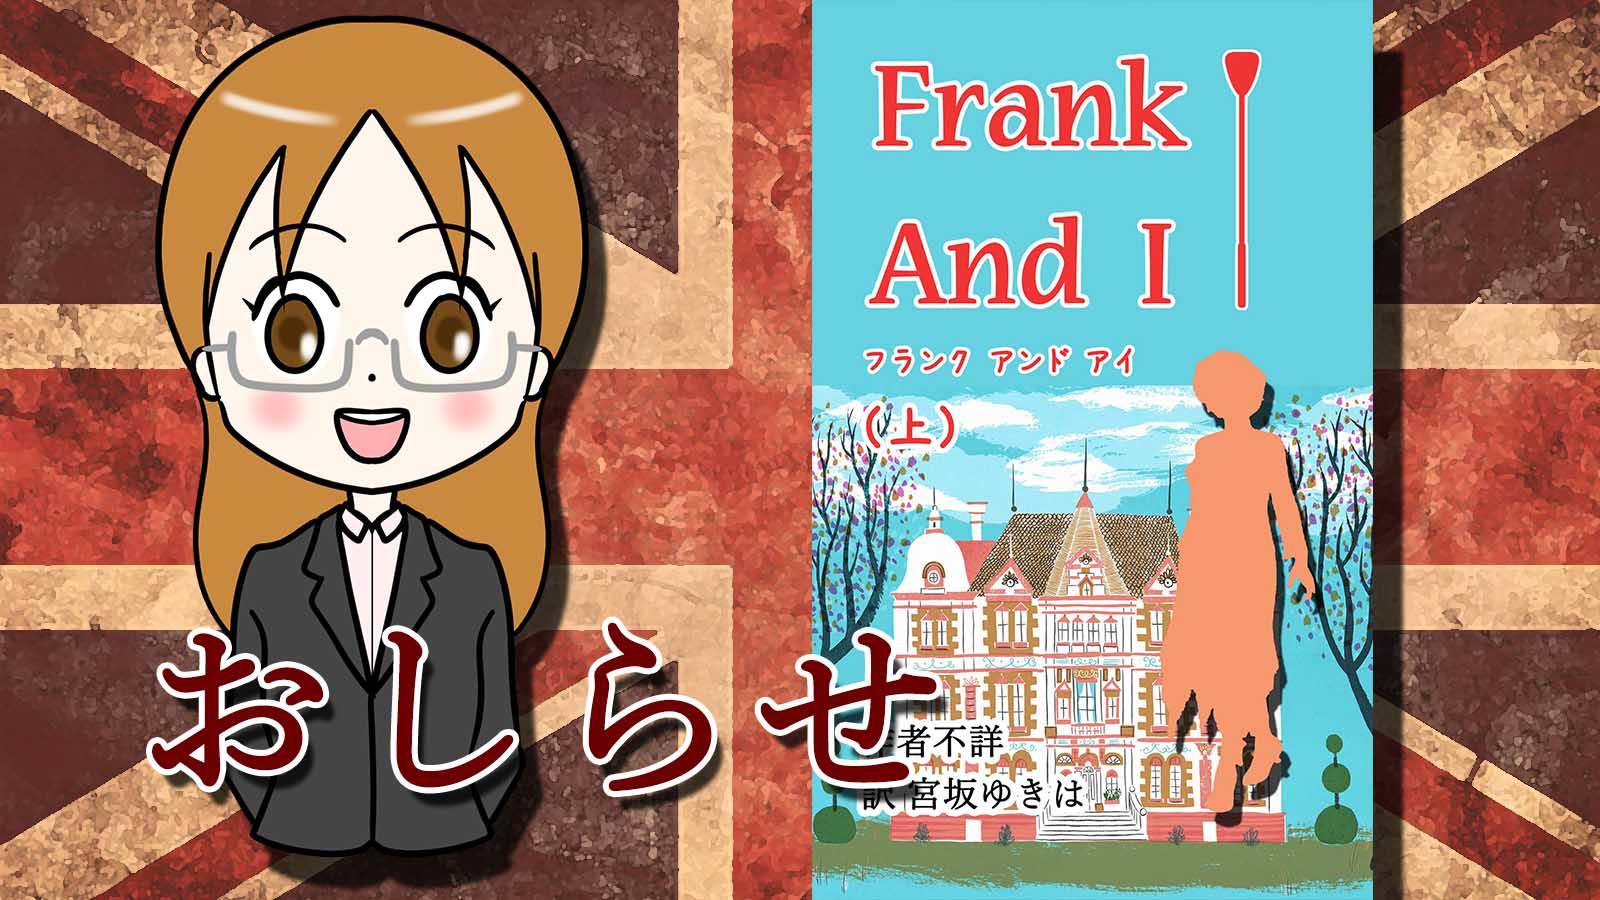 【おしらせ】『Frank and I(上)』改訂版